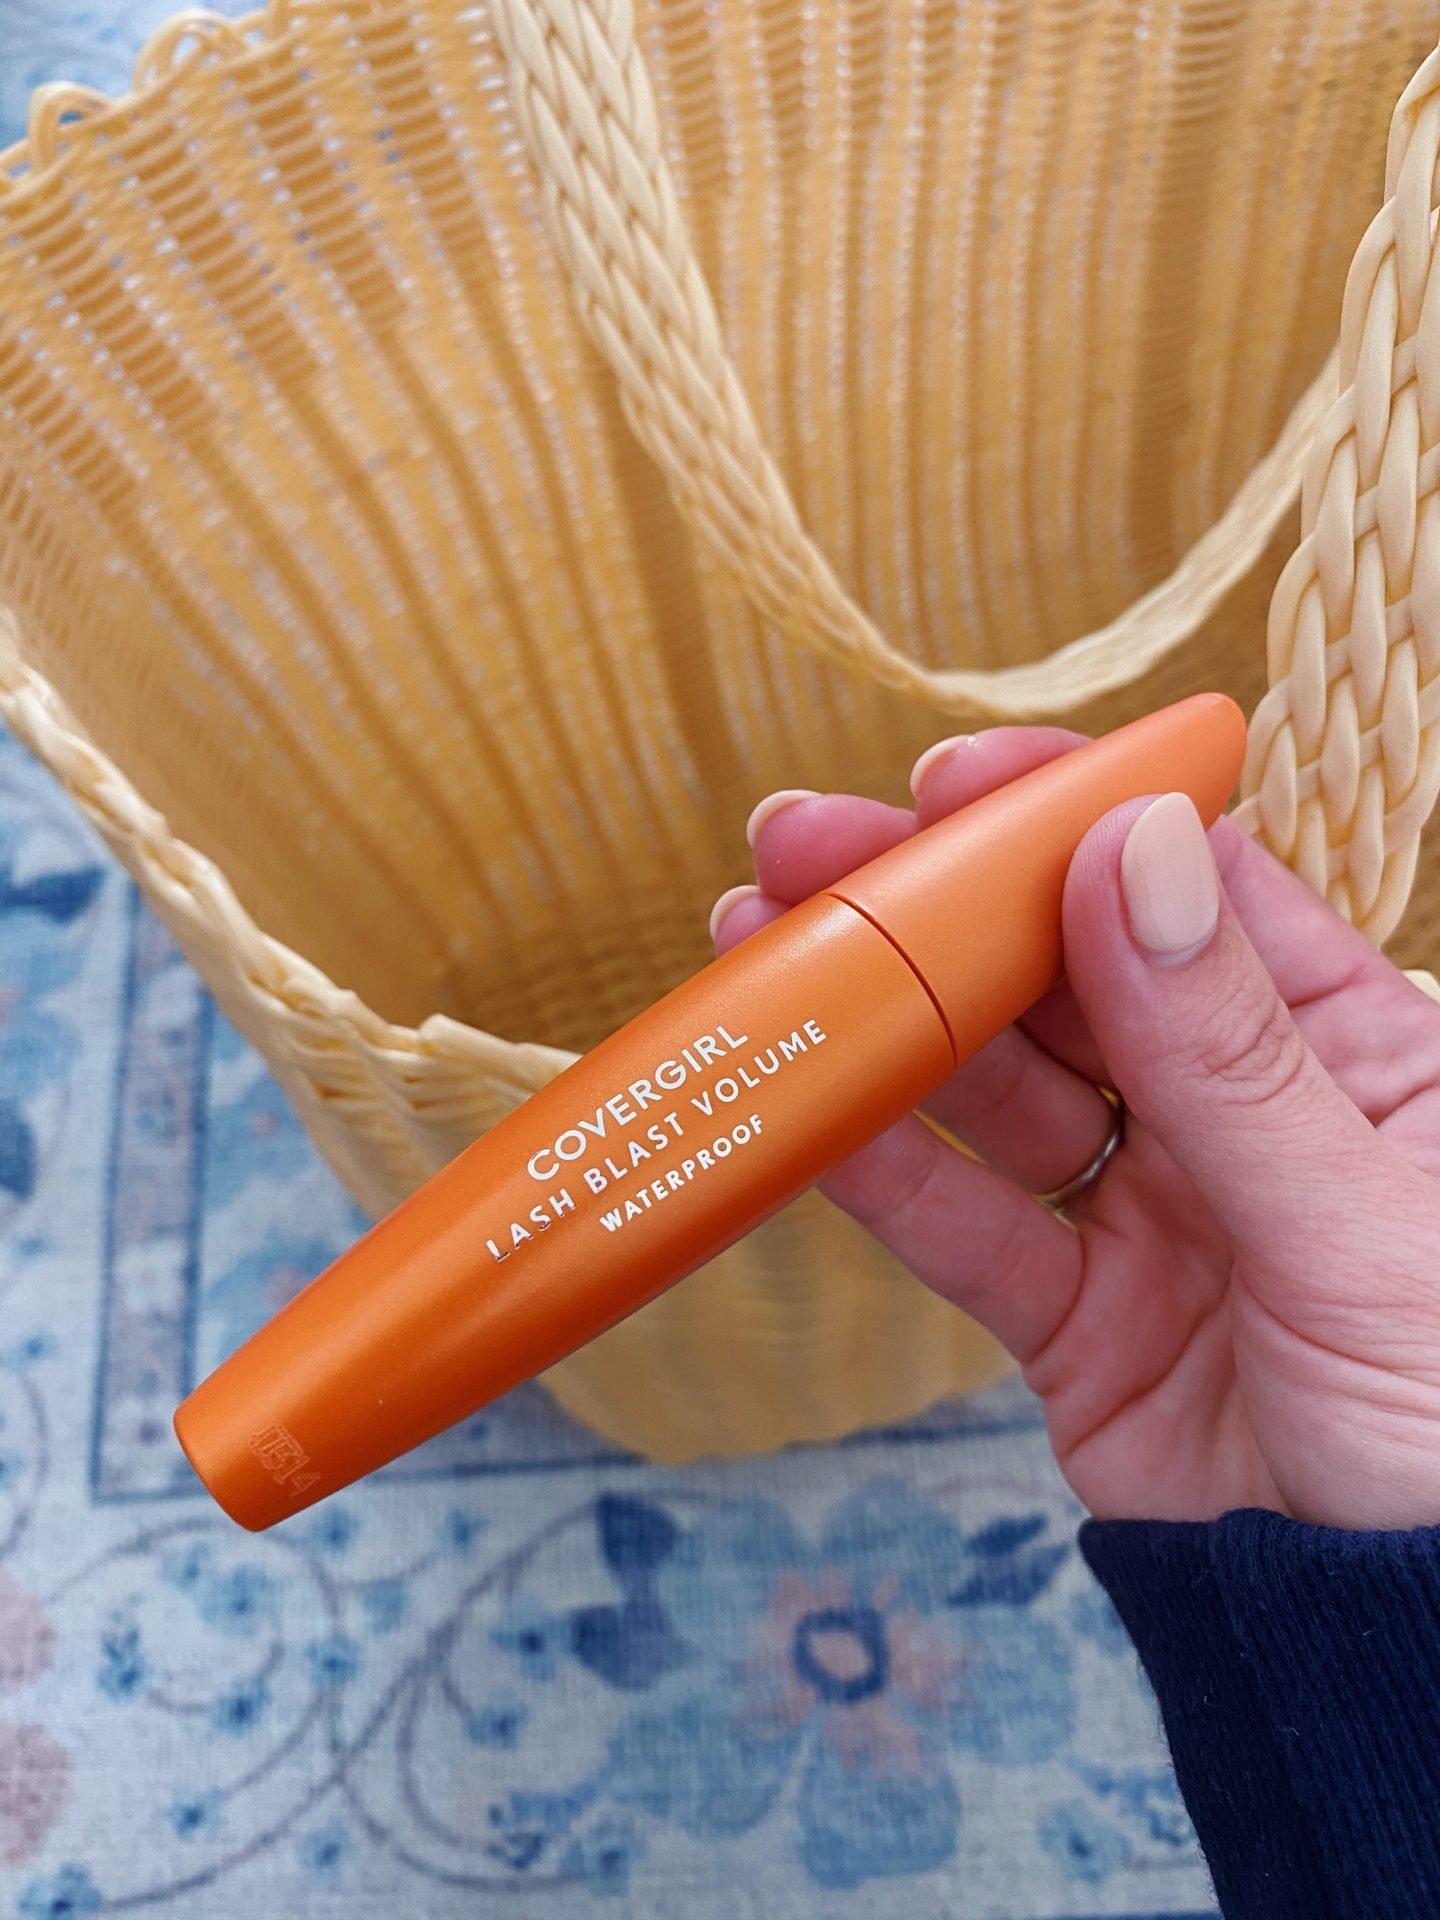 Amazon waterproof mascara